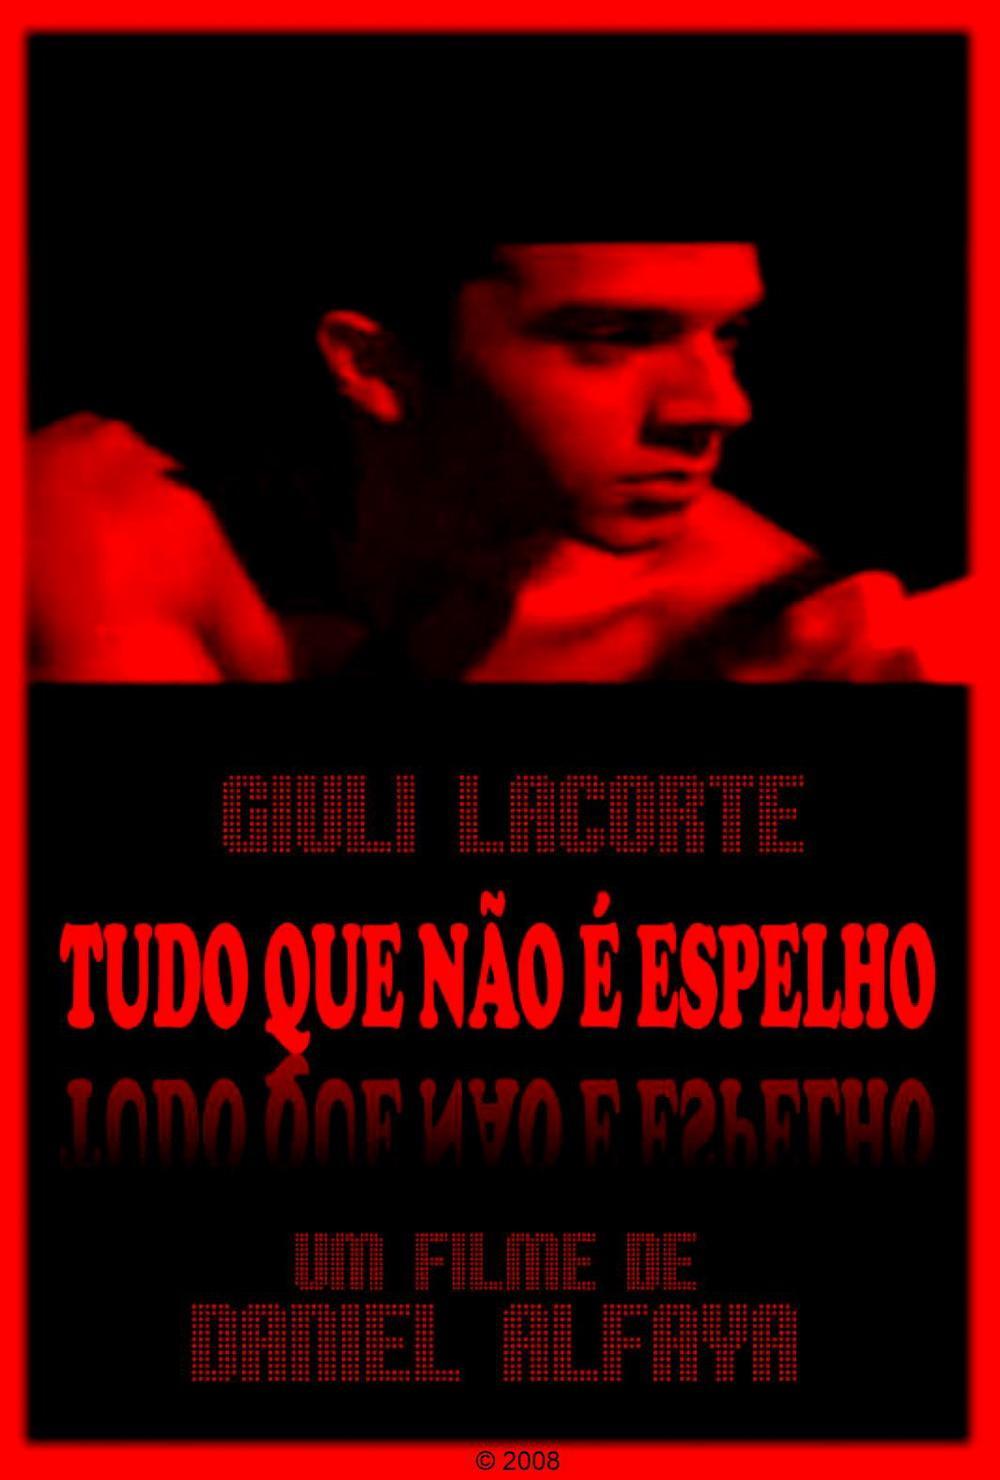 Tudo que não é Espelho (2008)